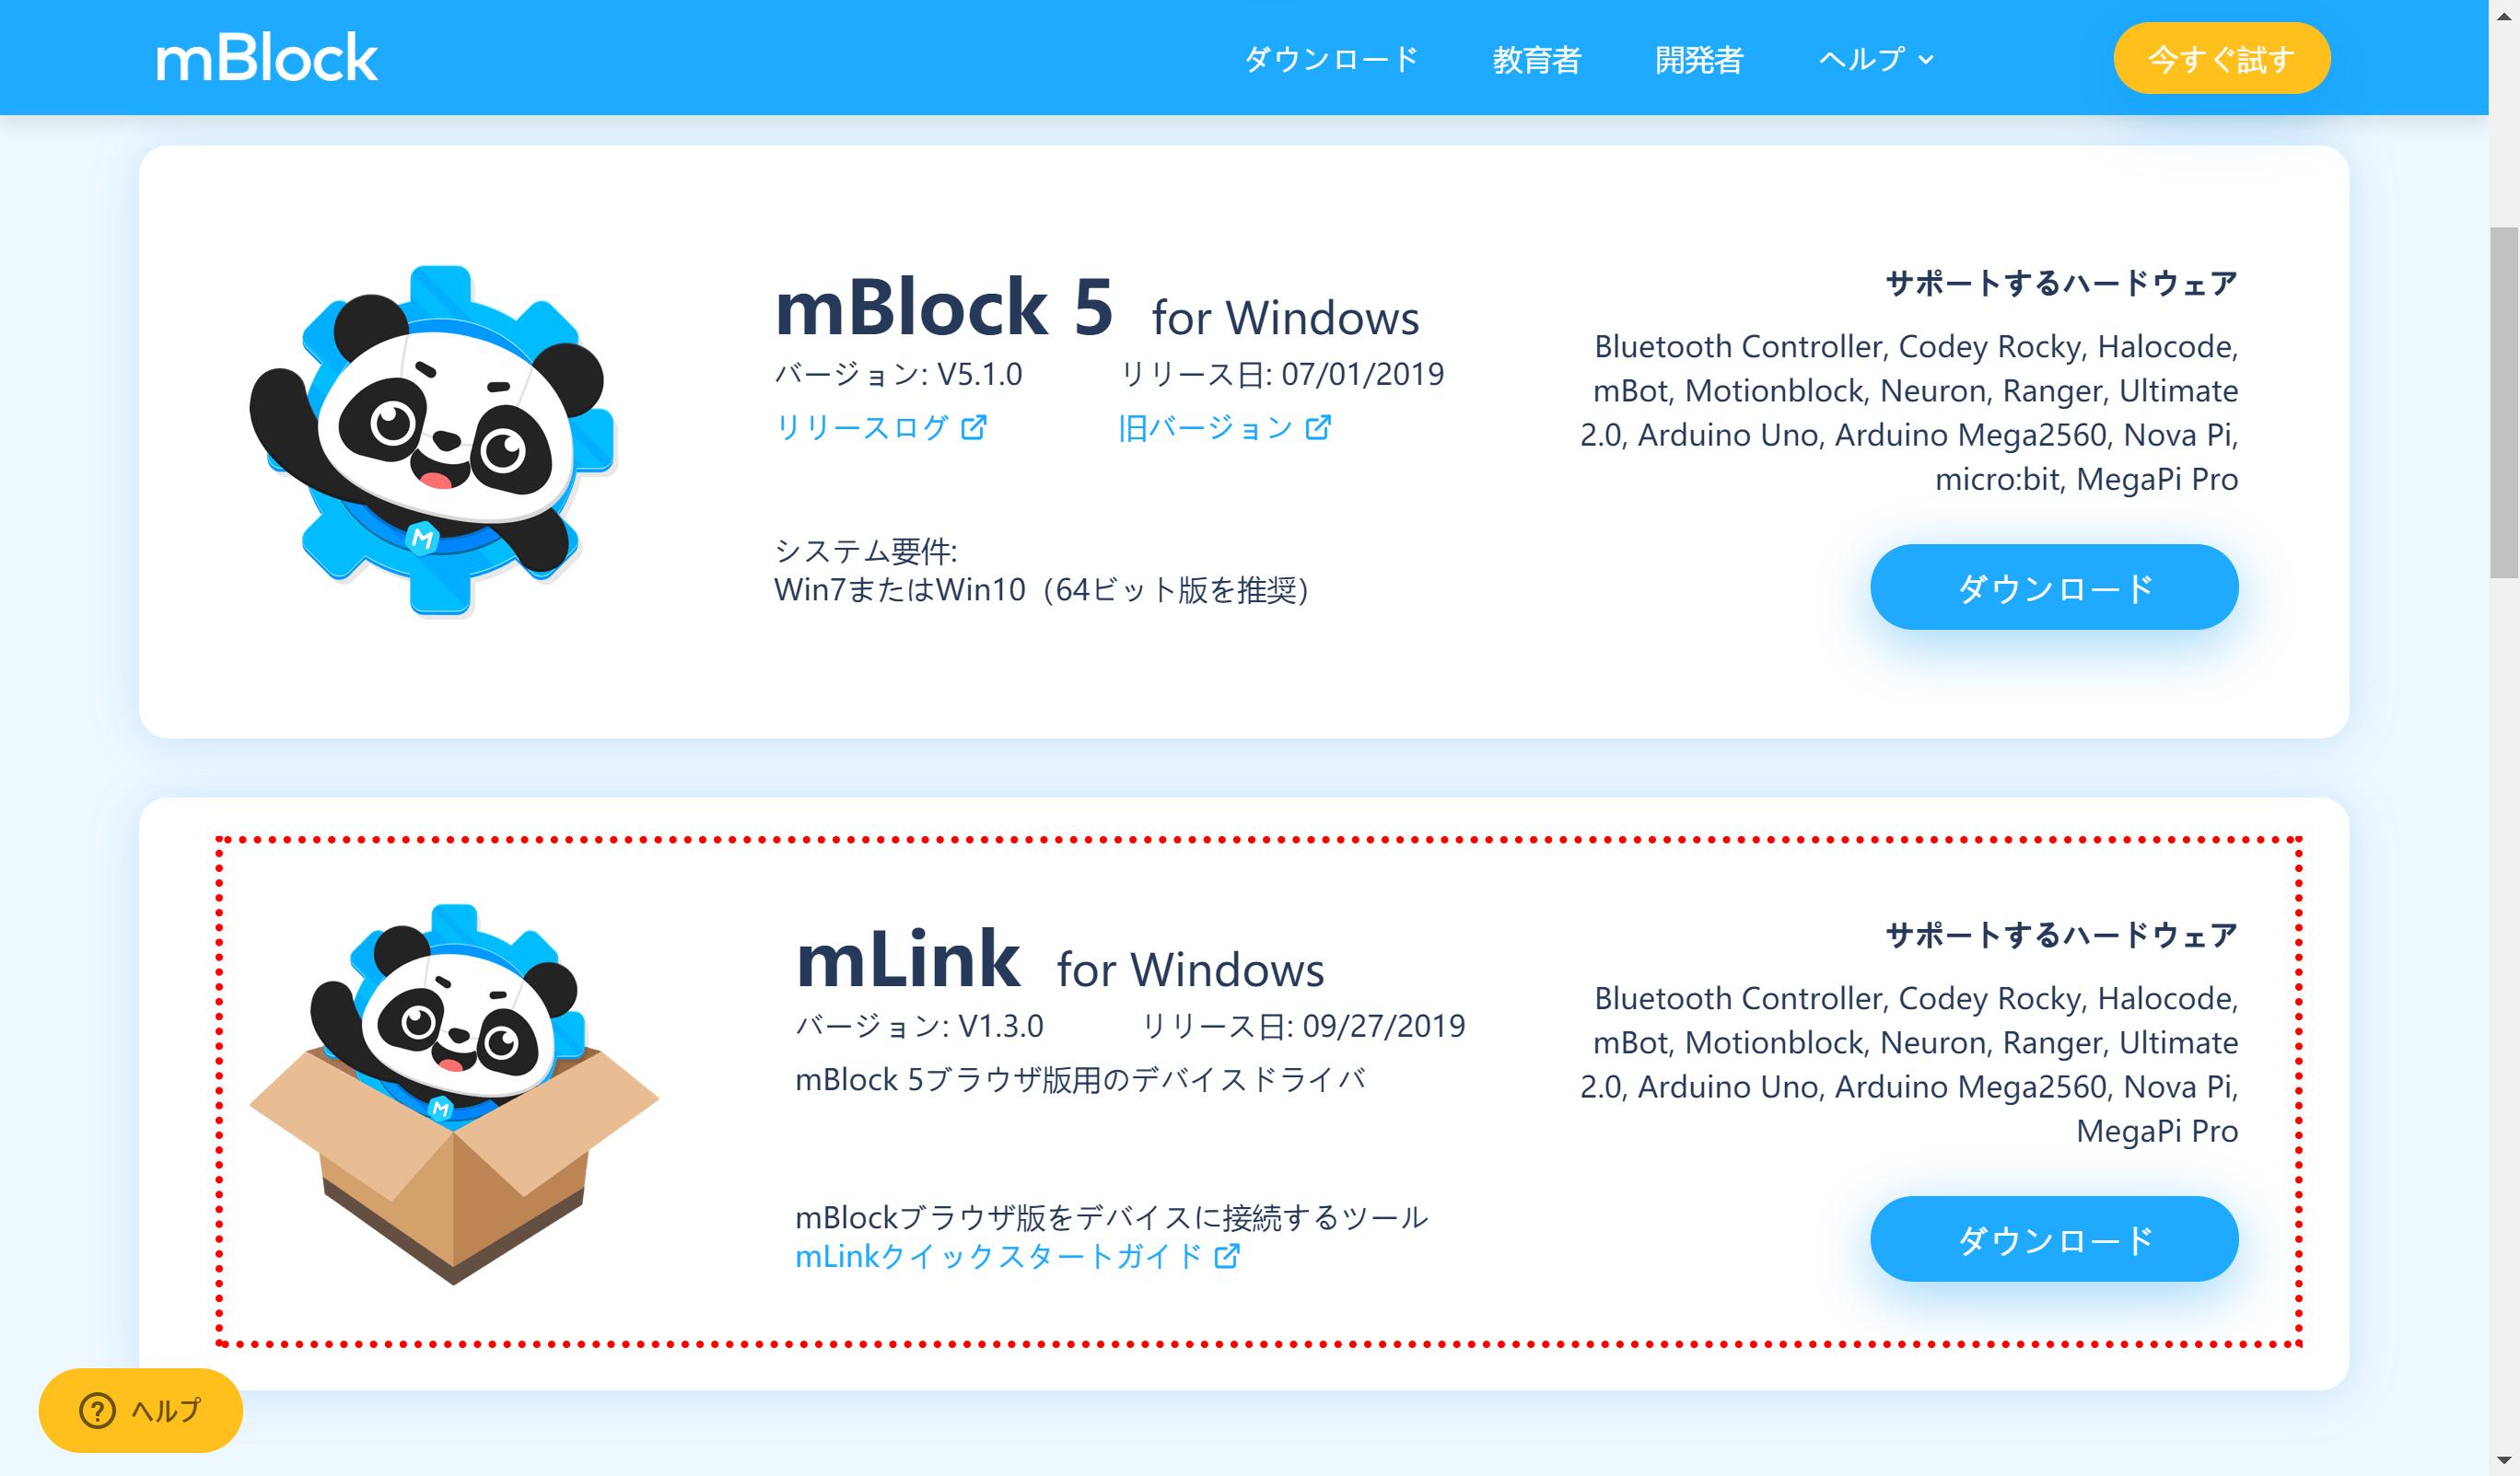 """ウェブ版の「mBlock」を使って""""mBot""""にUSBケーブルで接続する場合、mLinkというドライバーをインストールする必要がある"""